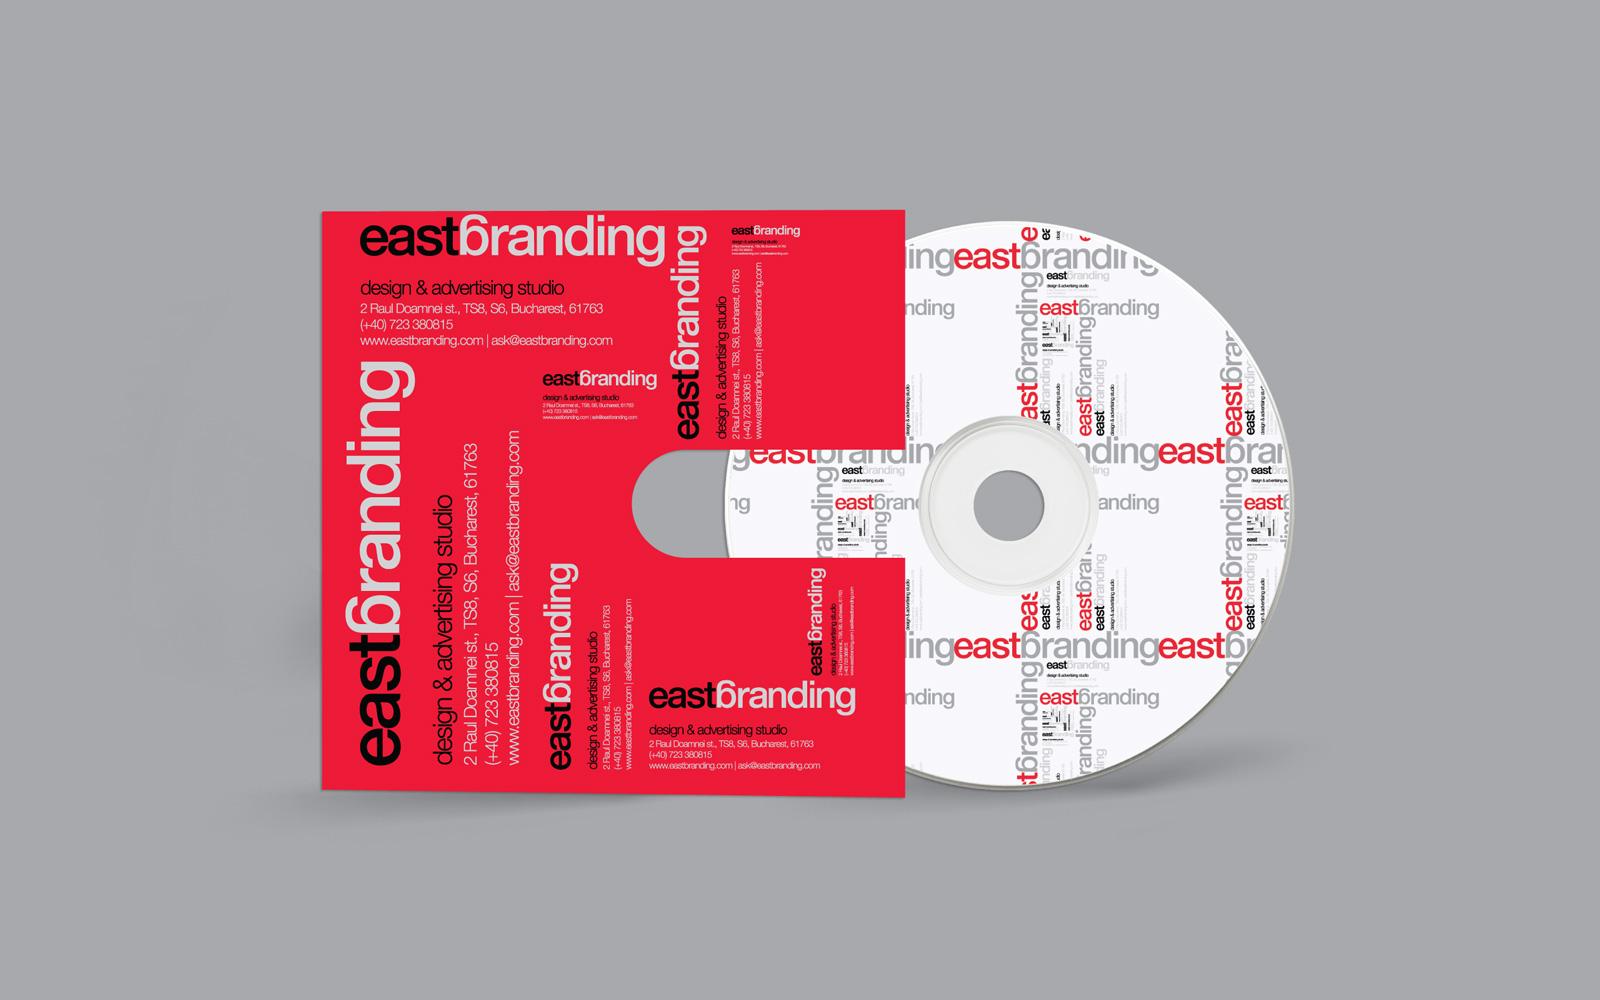 Eastbranding brand identity